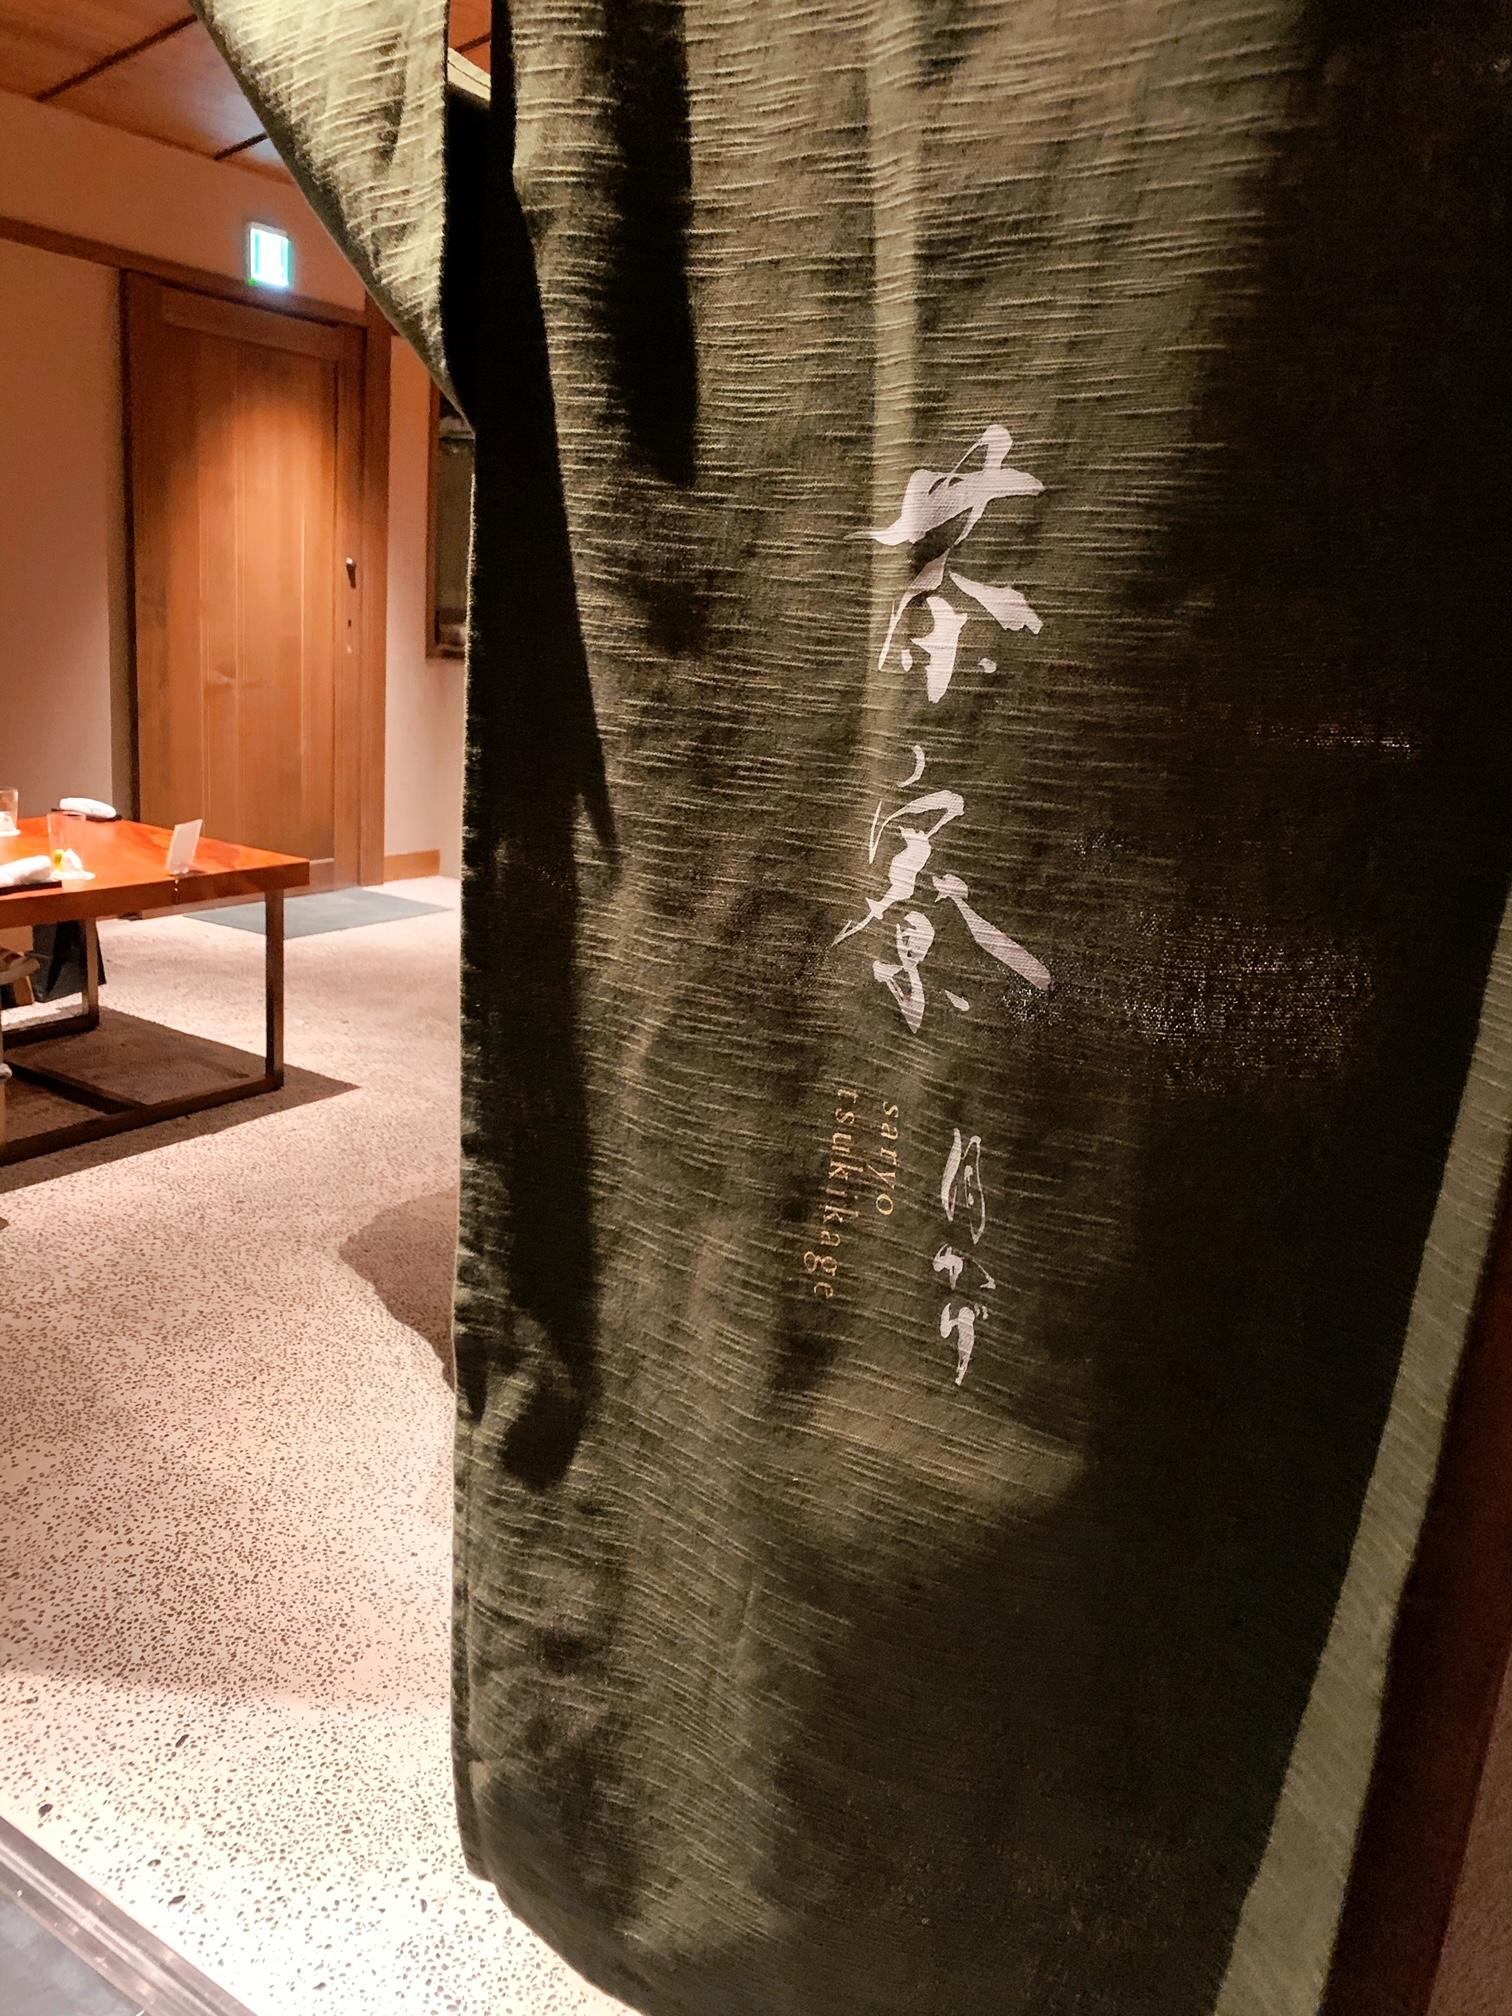 【なかなか予約が取れない!】東京に居ながらにして《箱根の温泉を楽しめる人気スポット》に行ってきた♡_14